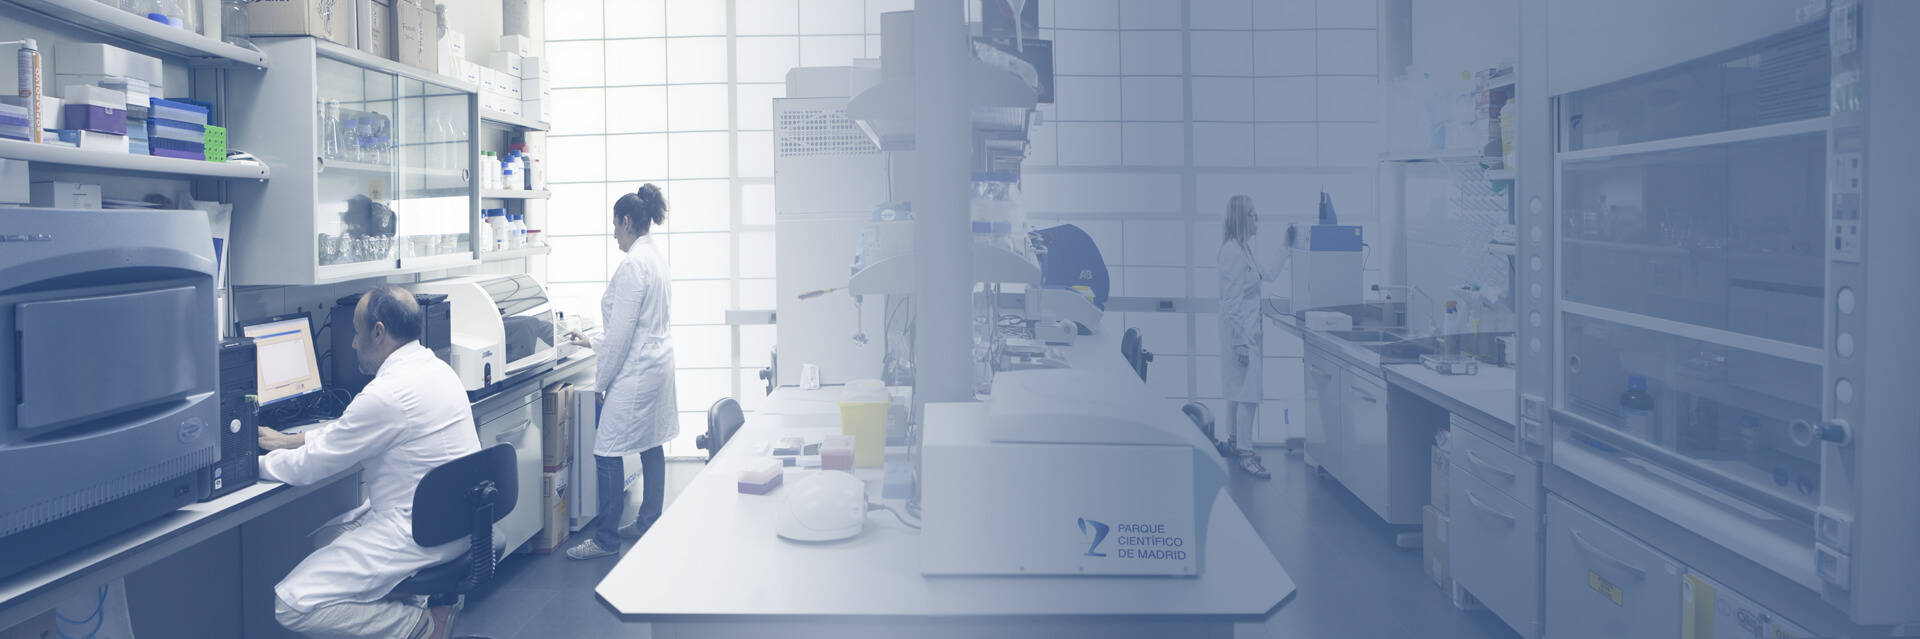 laboratorio madrid